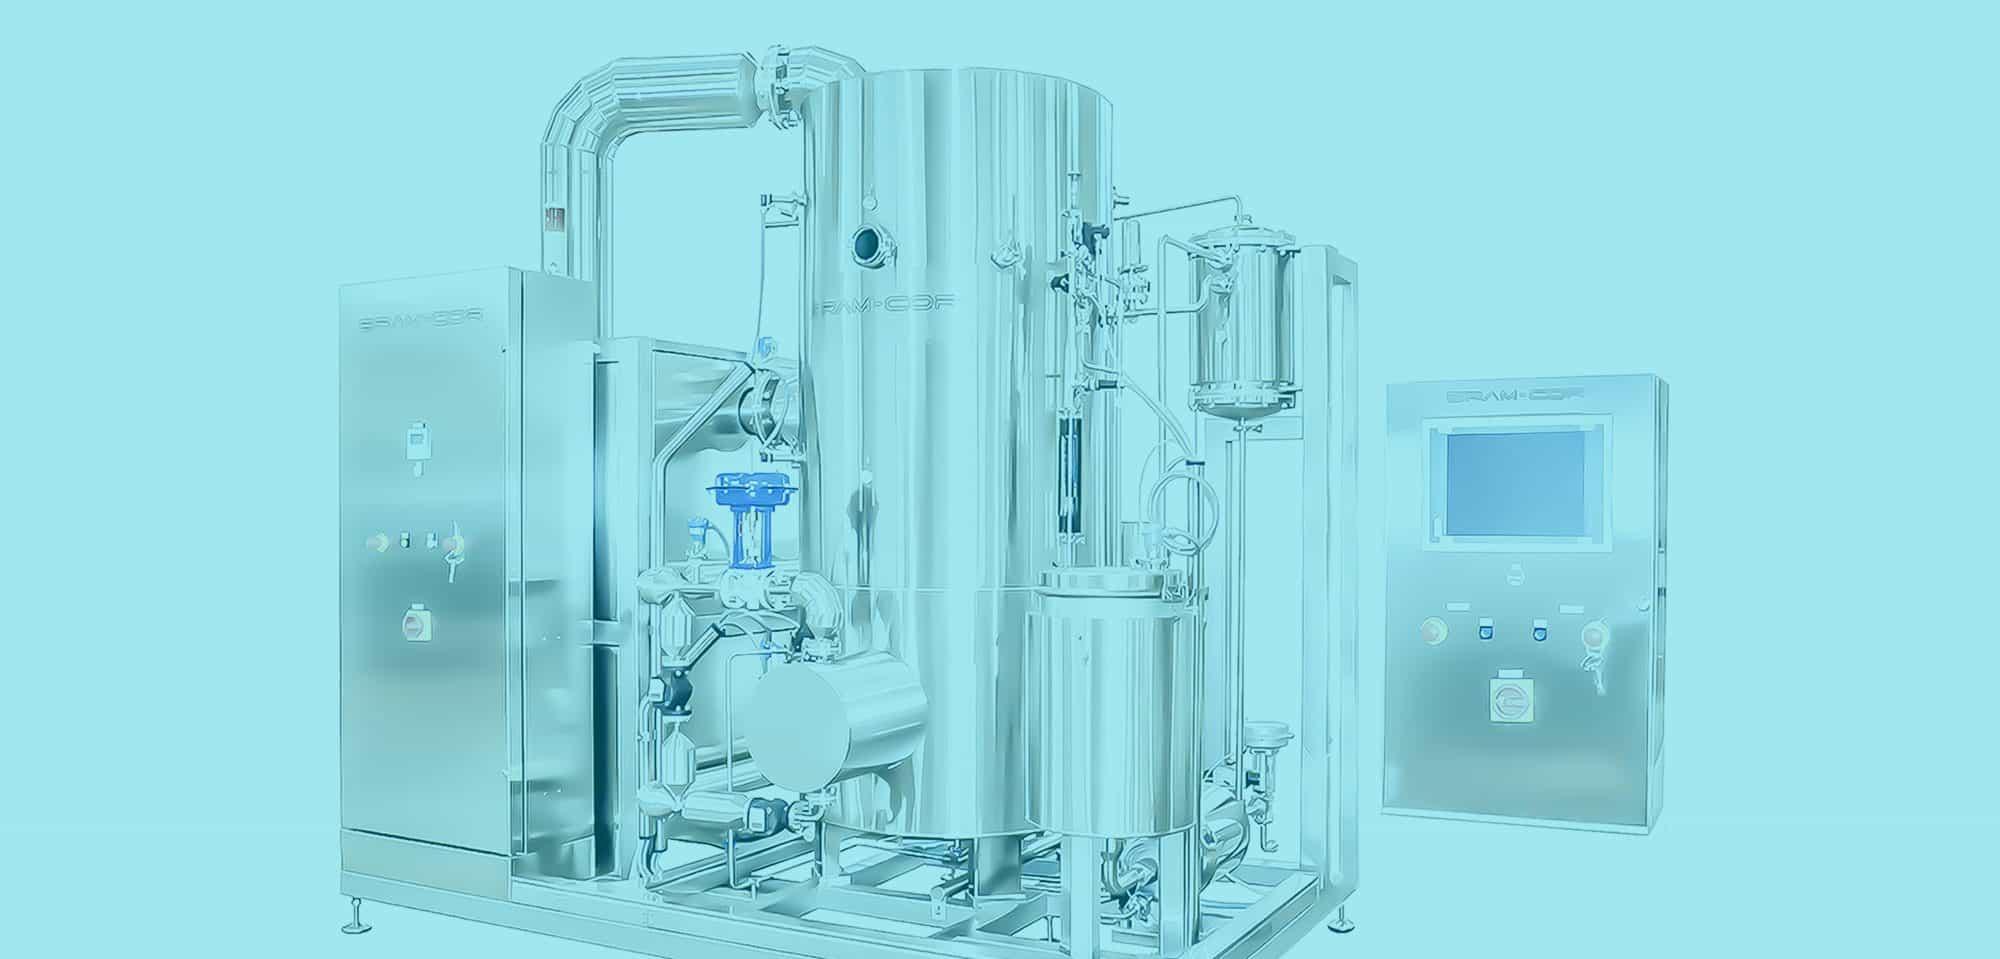 Bram-Cor STMC Vapor Compression Distiller